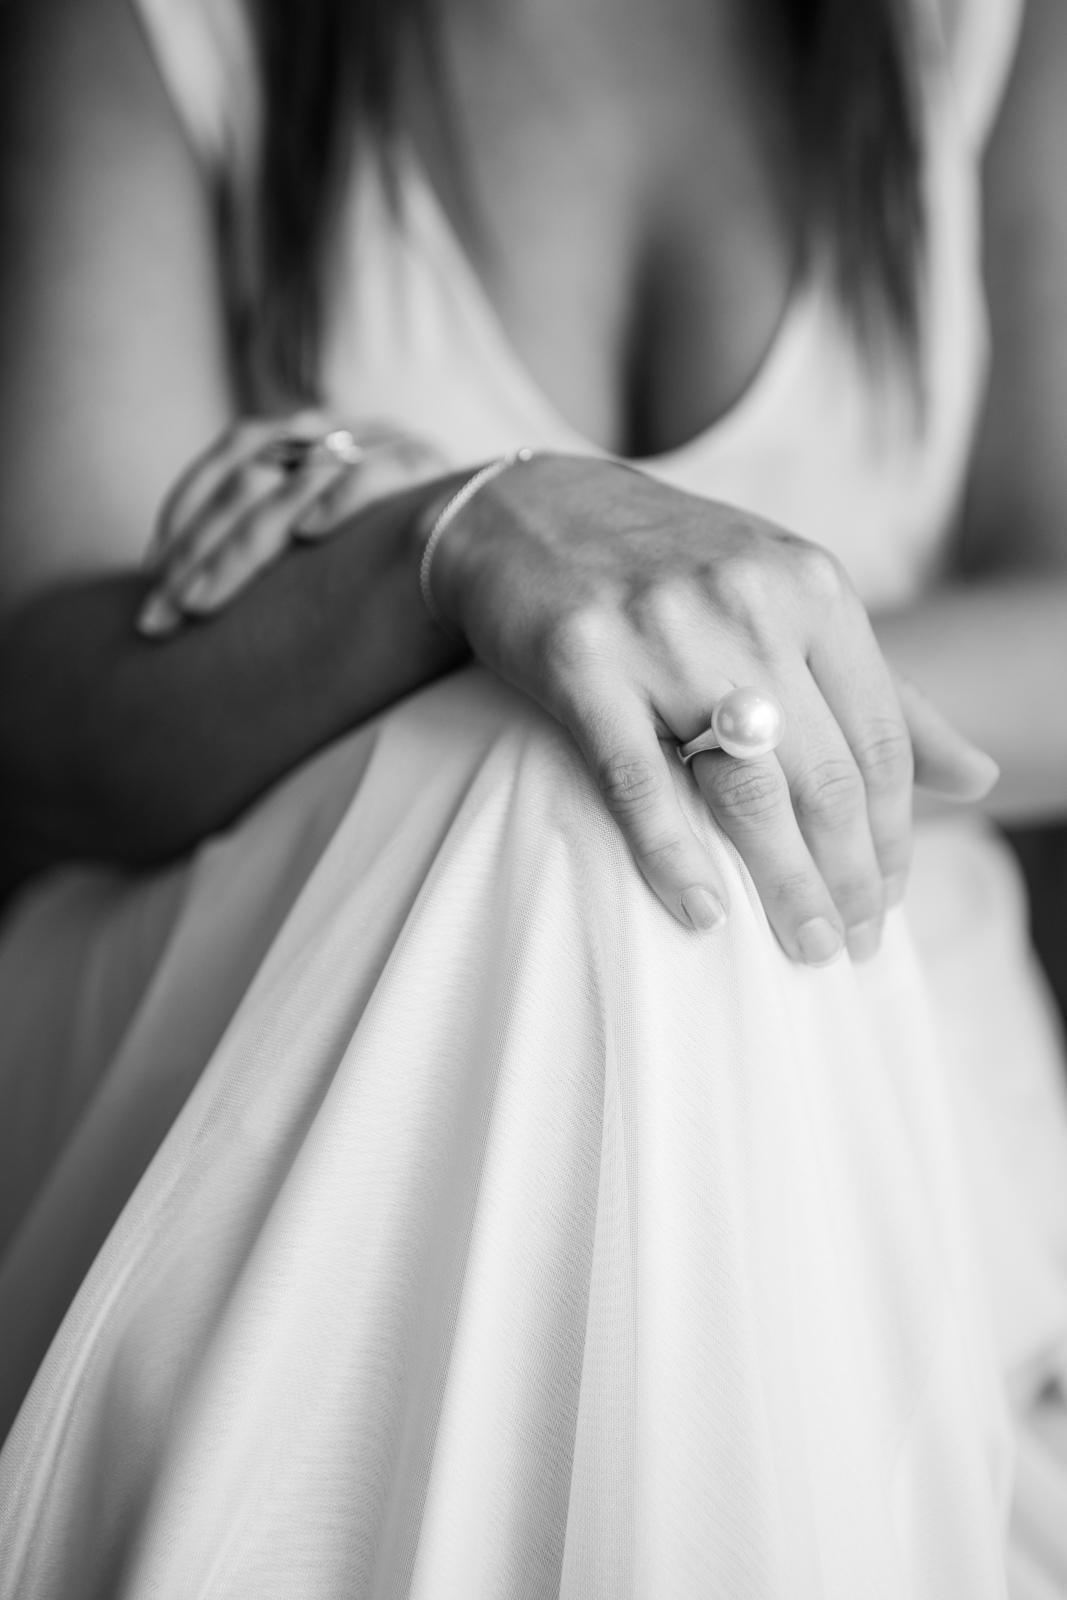 Brides2009–2013 - Meine Bräute 2009–2013